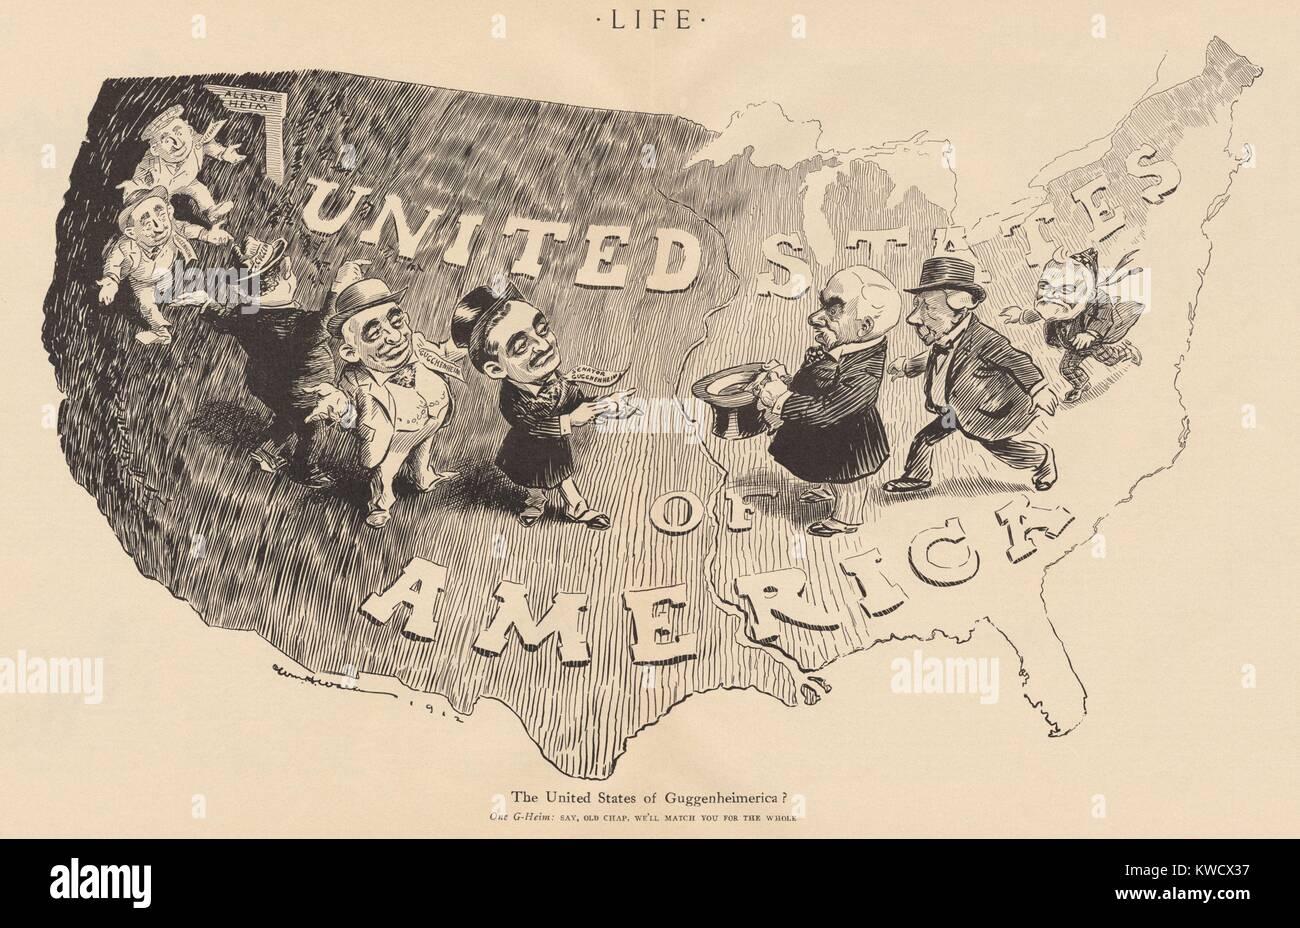 Vereinigten Staaten Von Guggenheimerica Karikatur Von Willard H